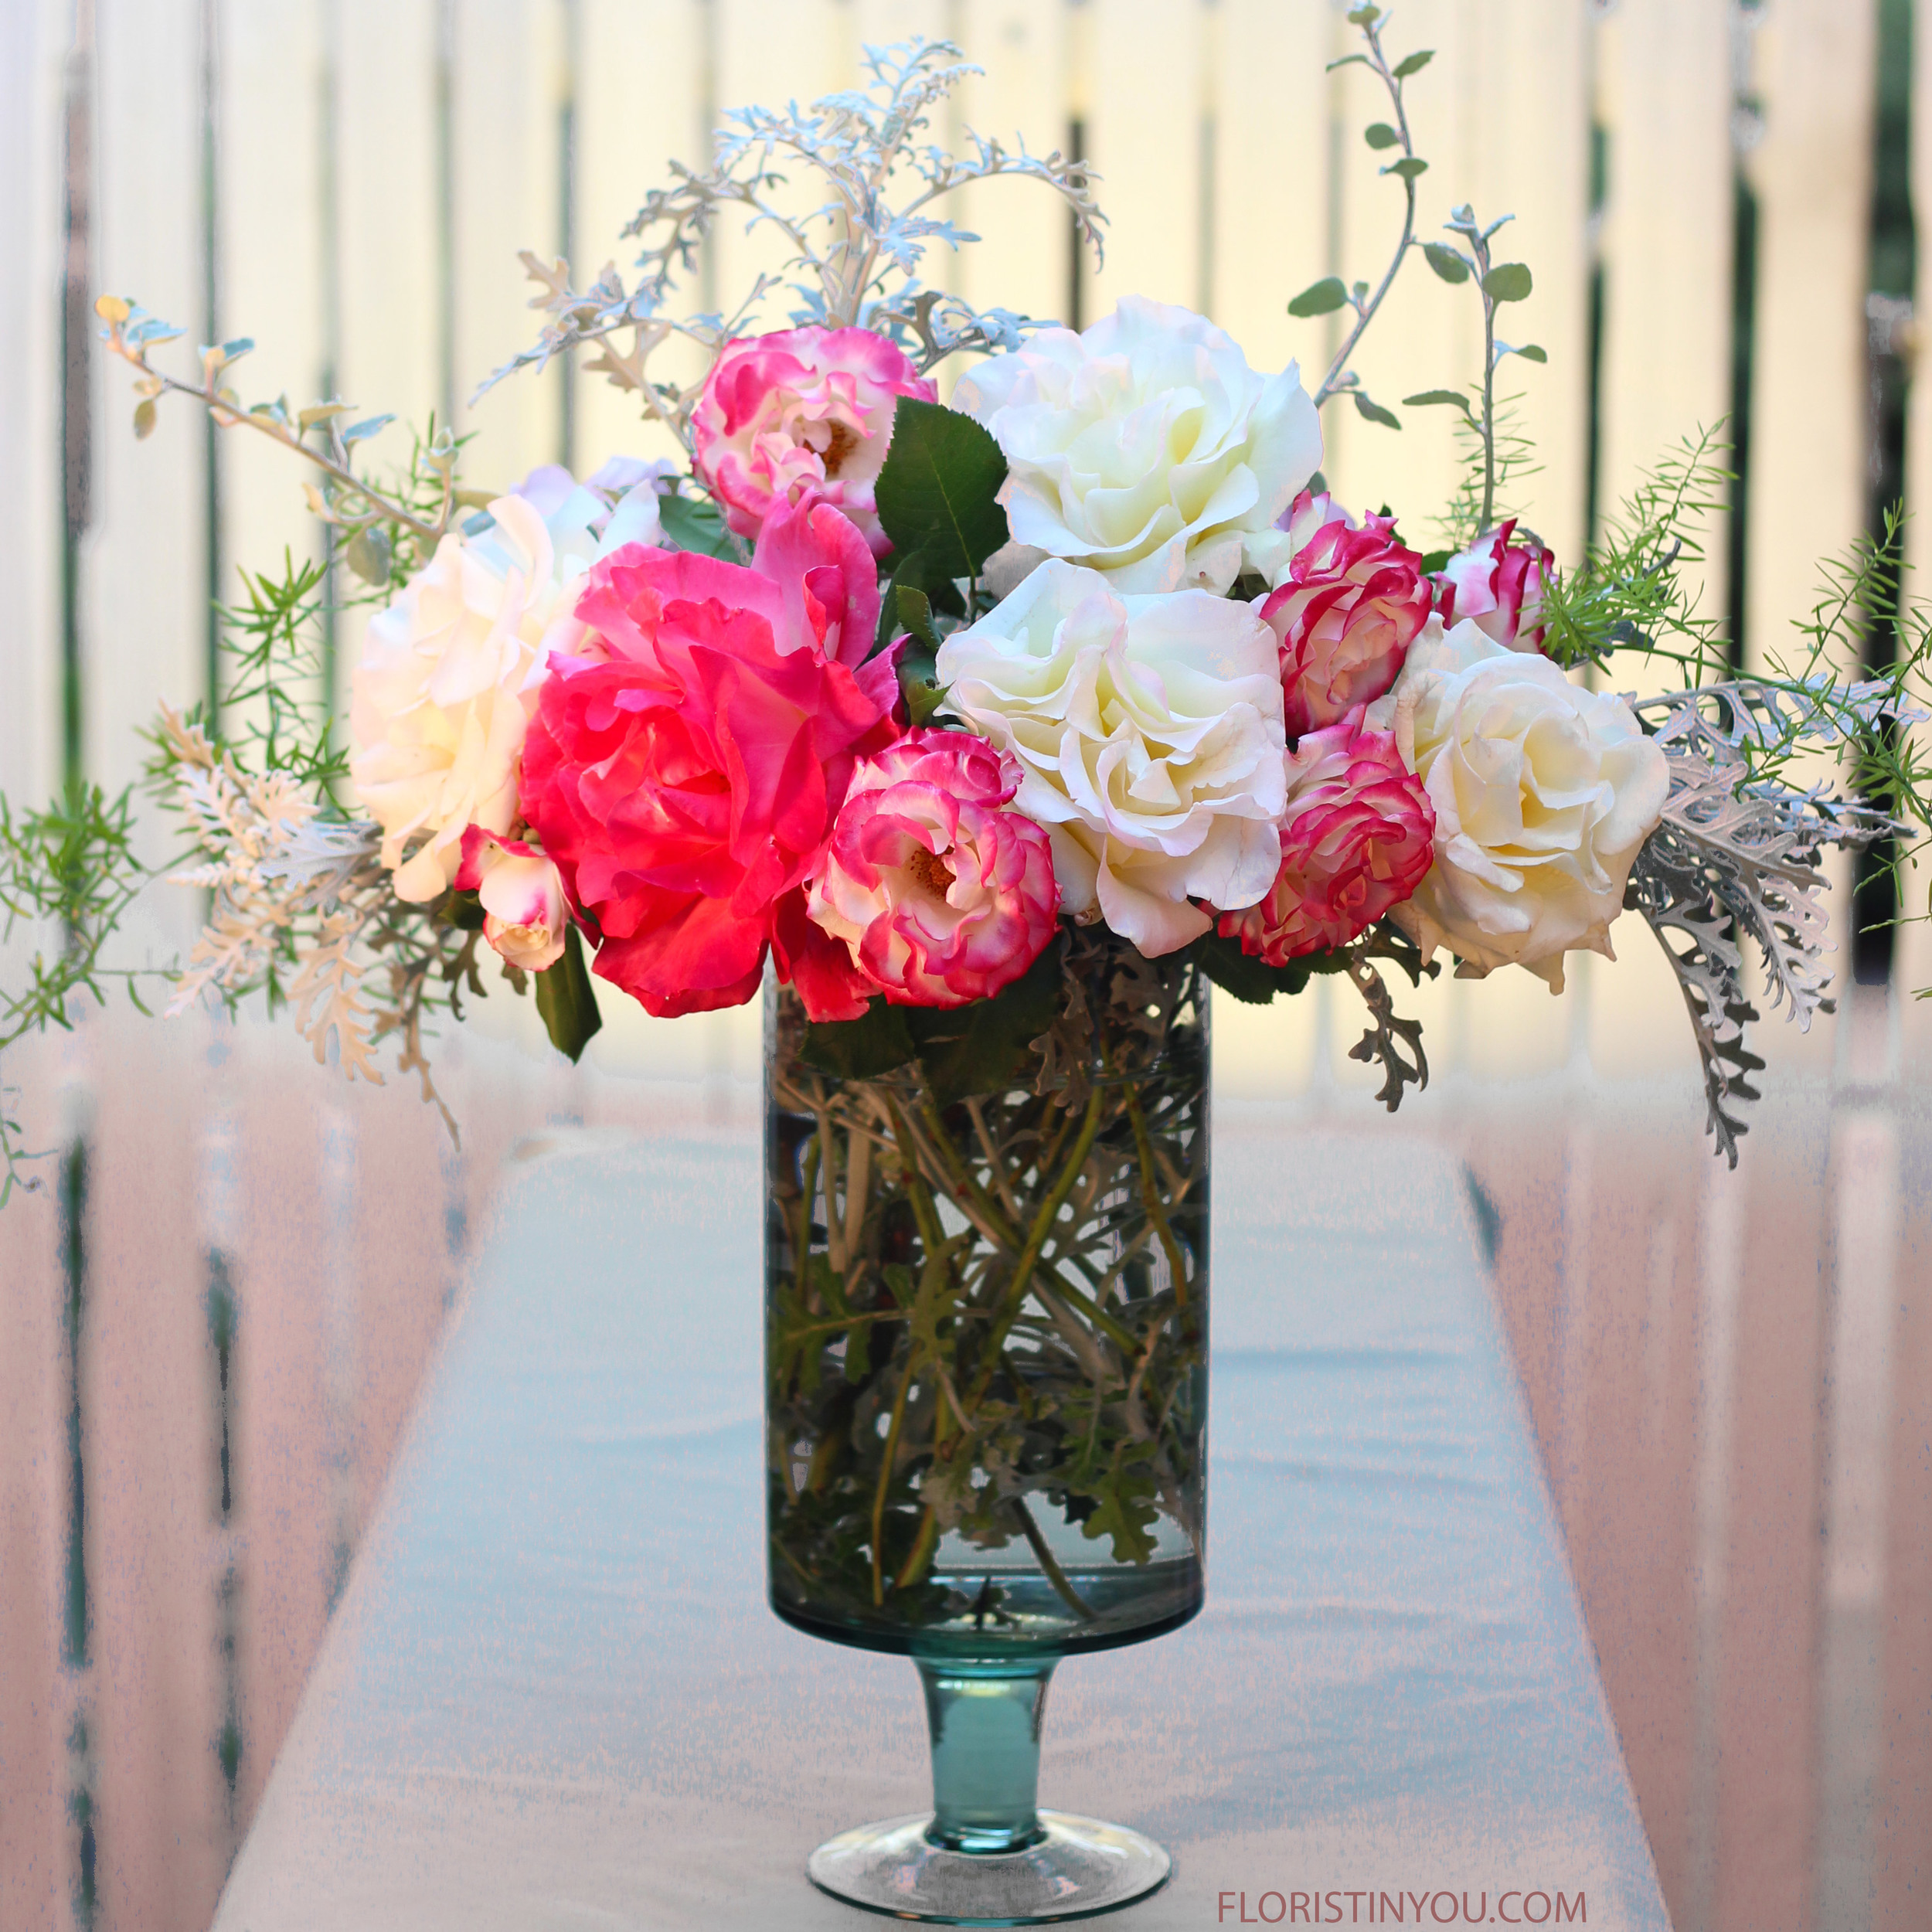 Roses for Mrs. Miller